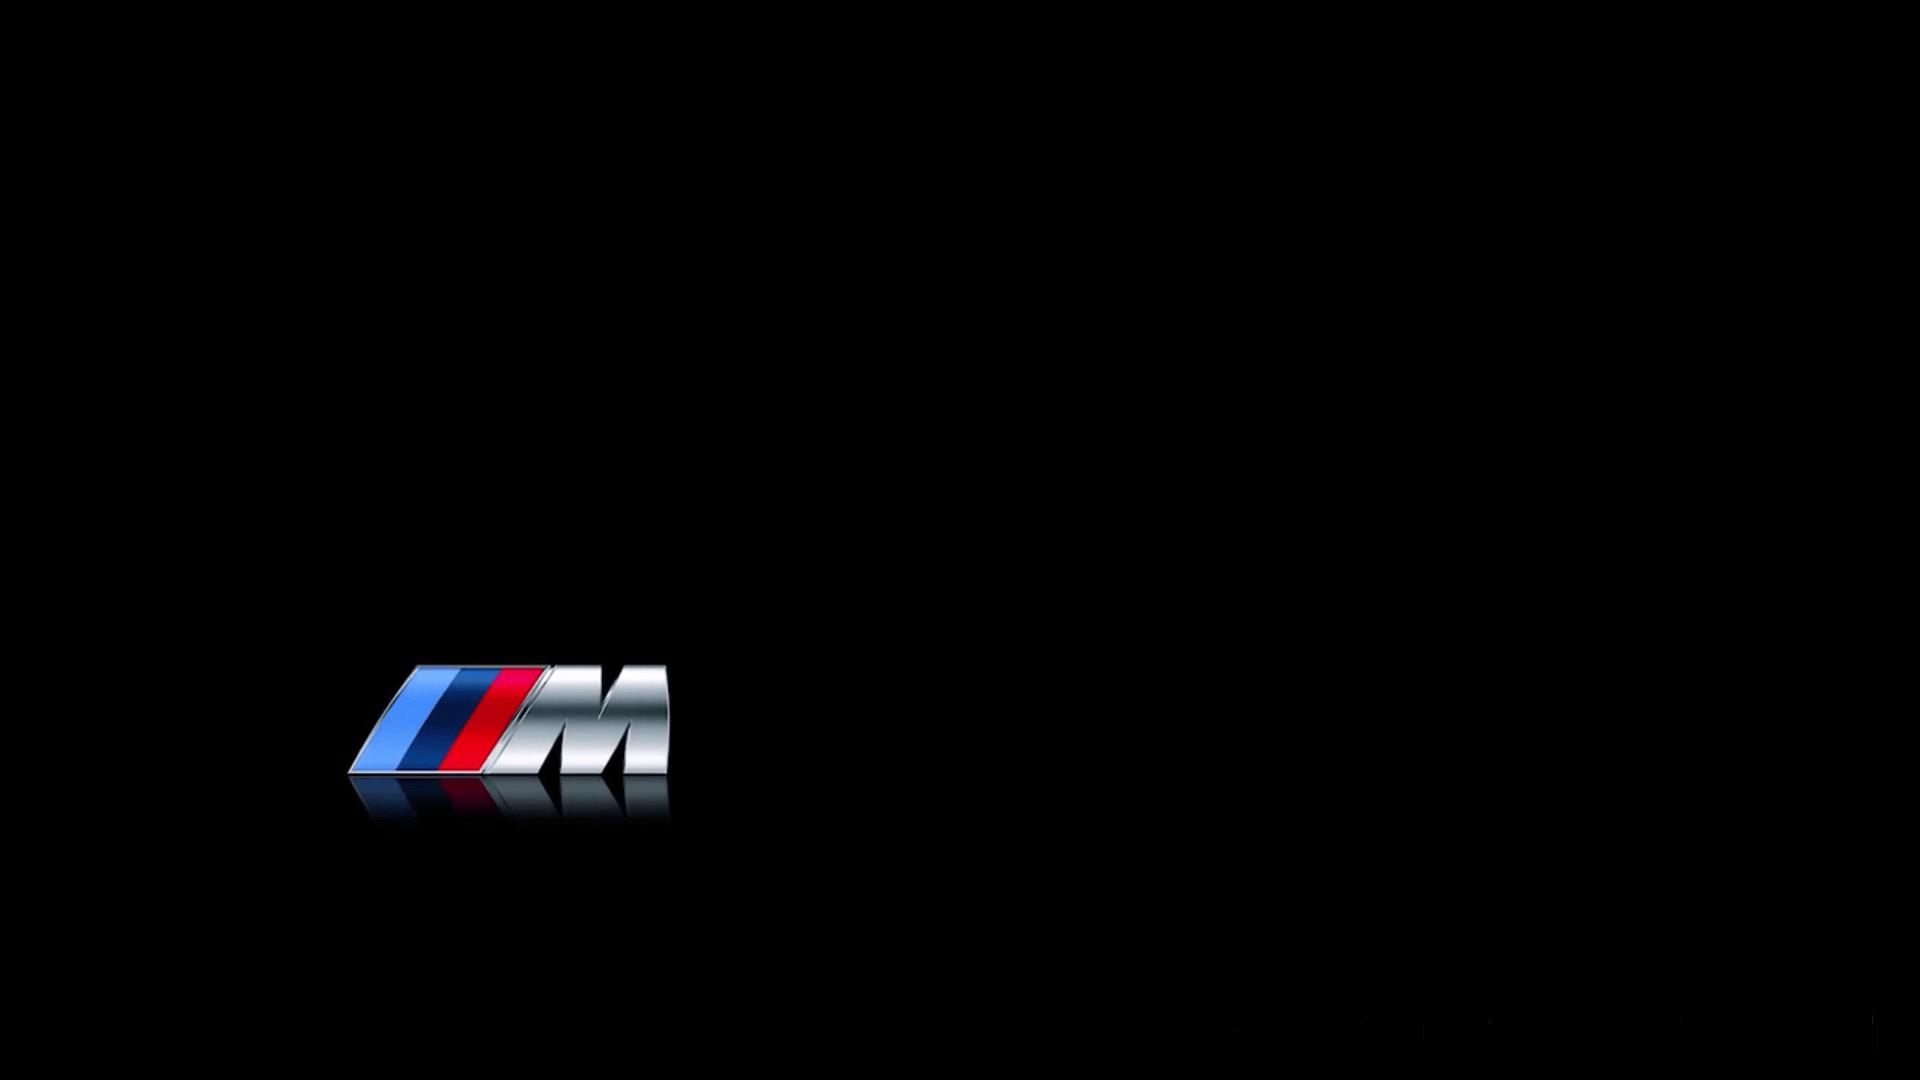 Bmw M Logo Wallpaper 183 ① Wallpapertag